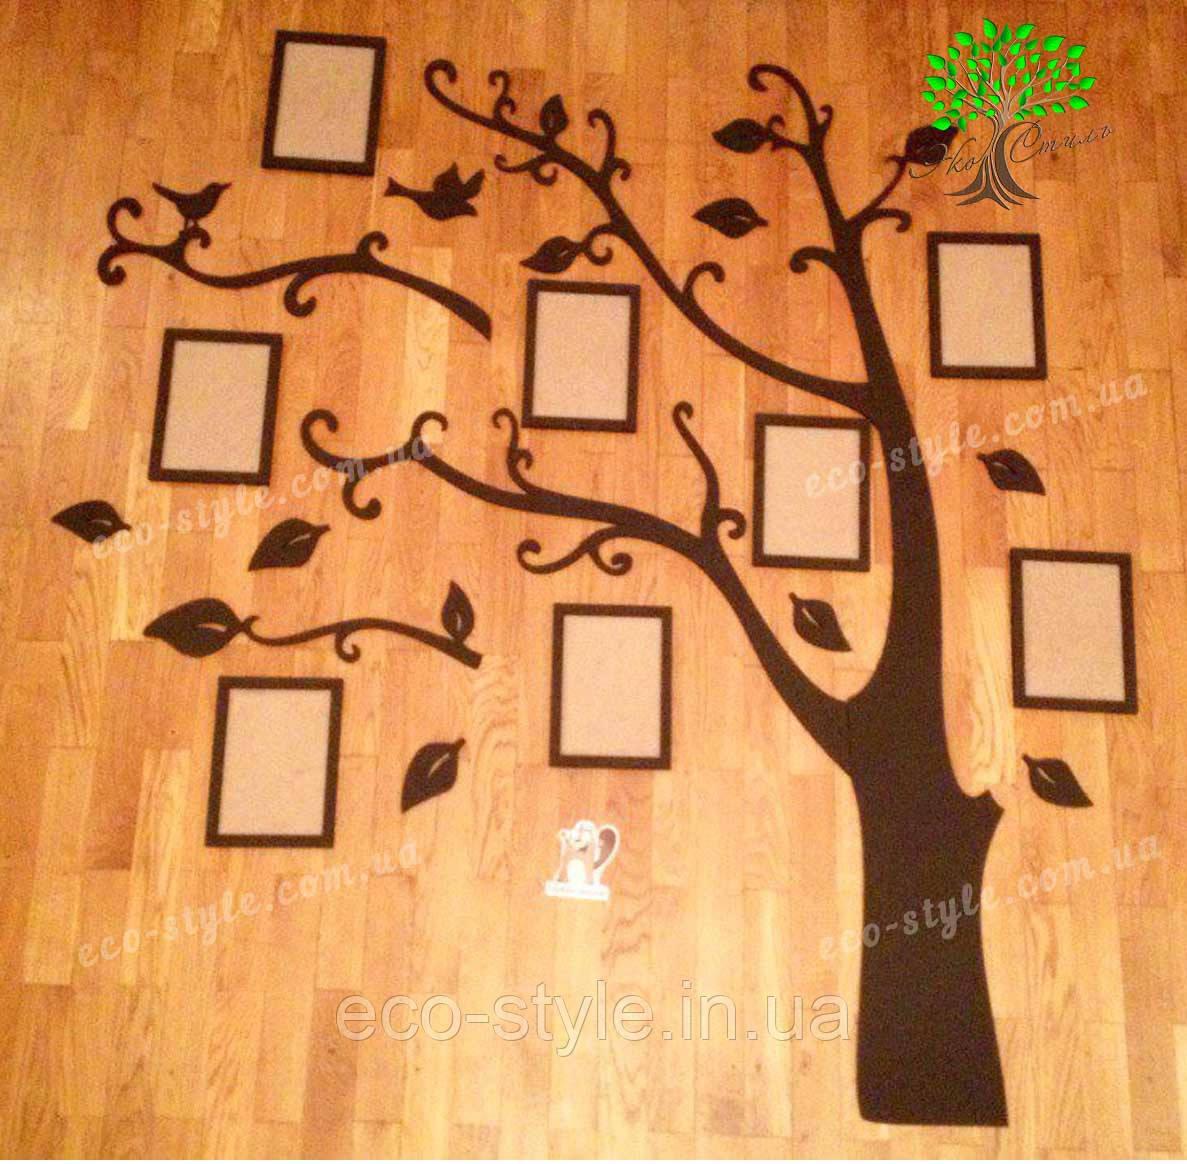 Композиция из фоторамок, набор фоторамок, фоторамки из дерева